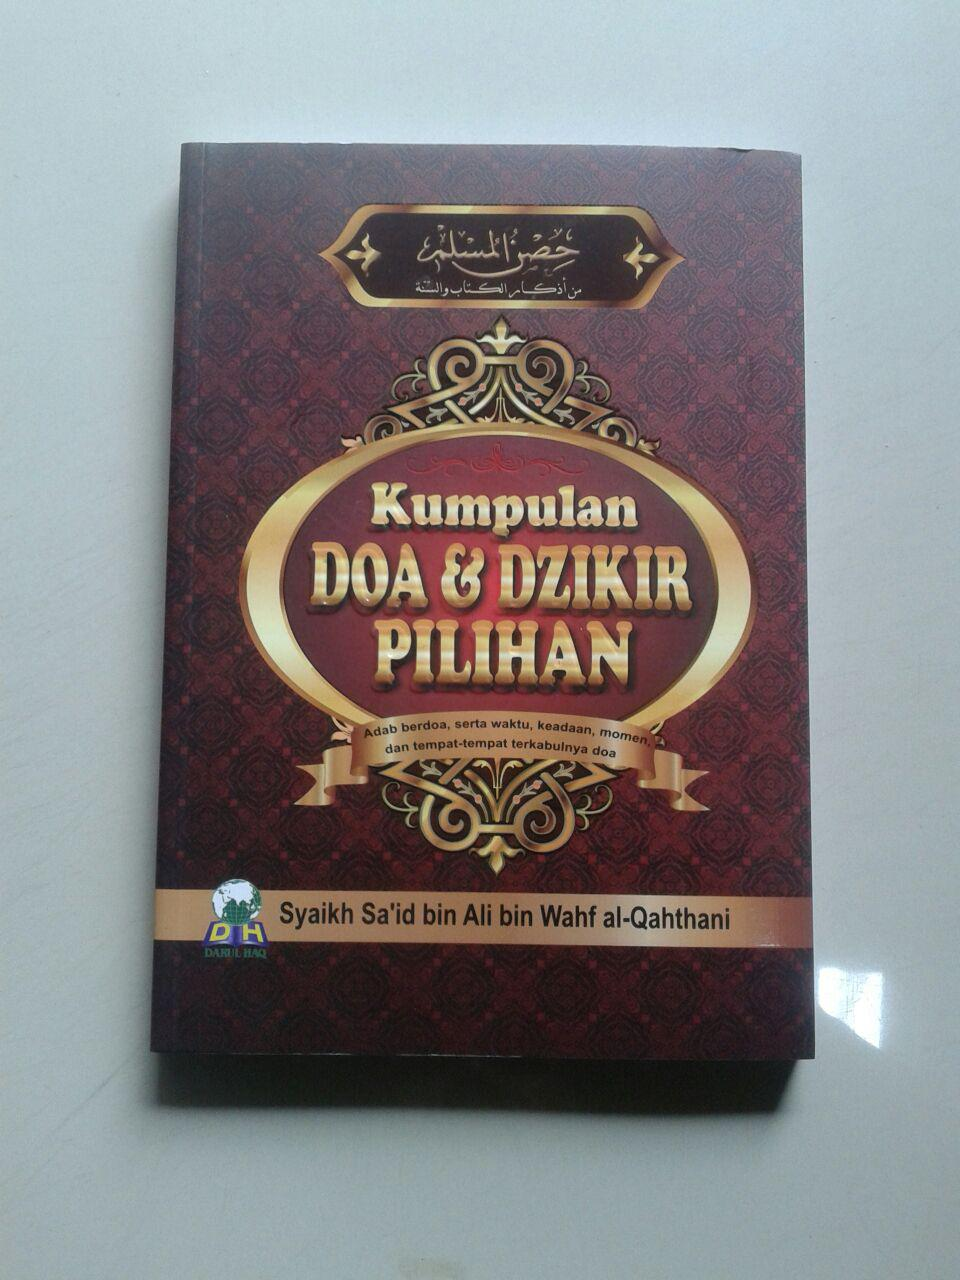 Buku Hisnul Muslim Kumpulan Doa & Dzikir Pilihan cover 2